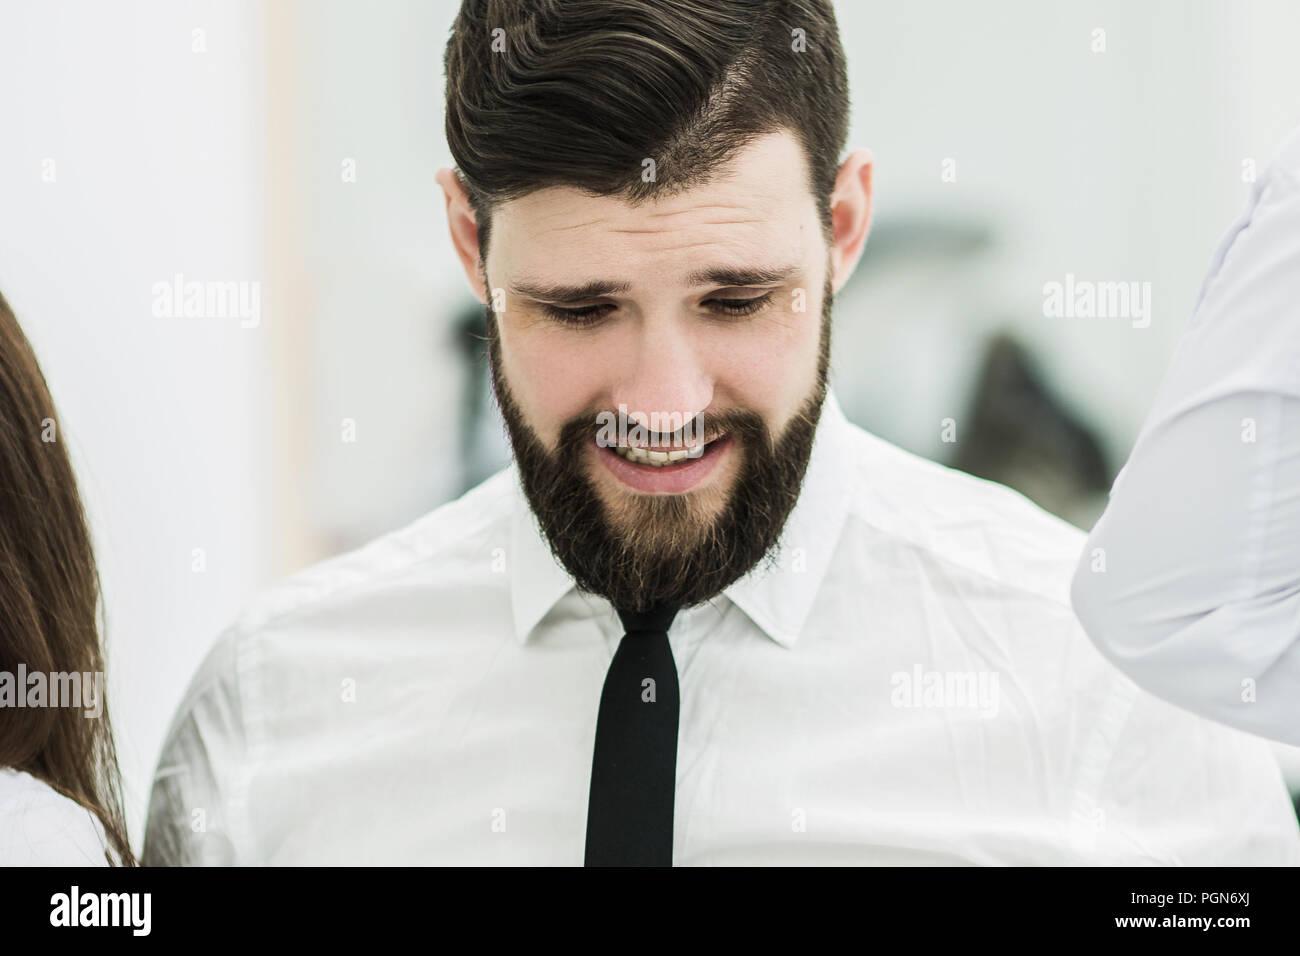 Porträt eines erfolgreichen Manager am Arbeitsplatz im Büro Stockbild